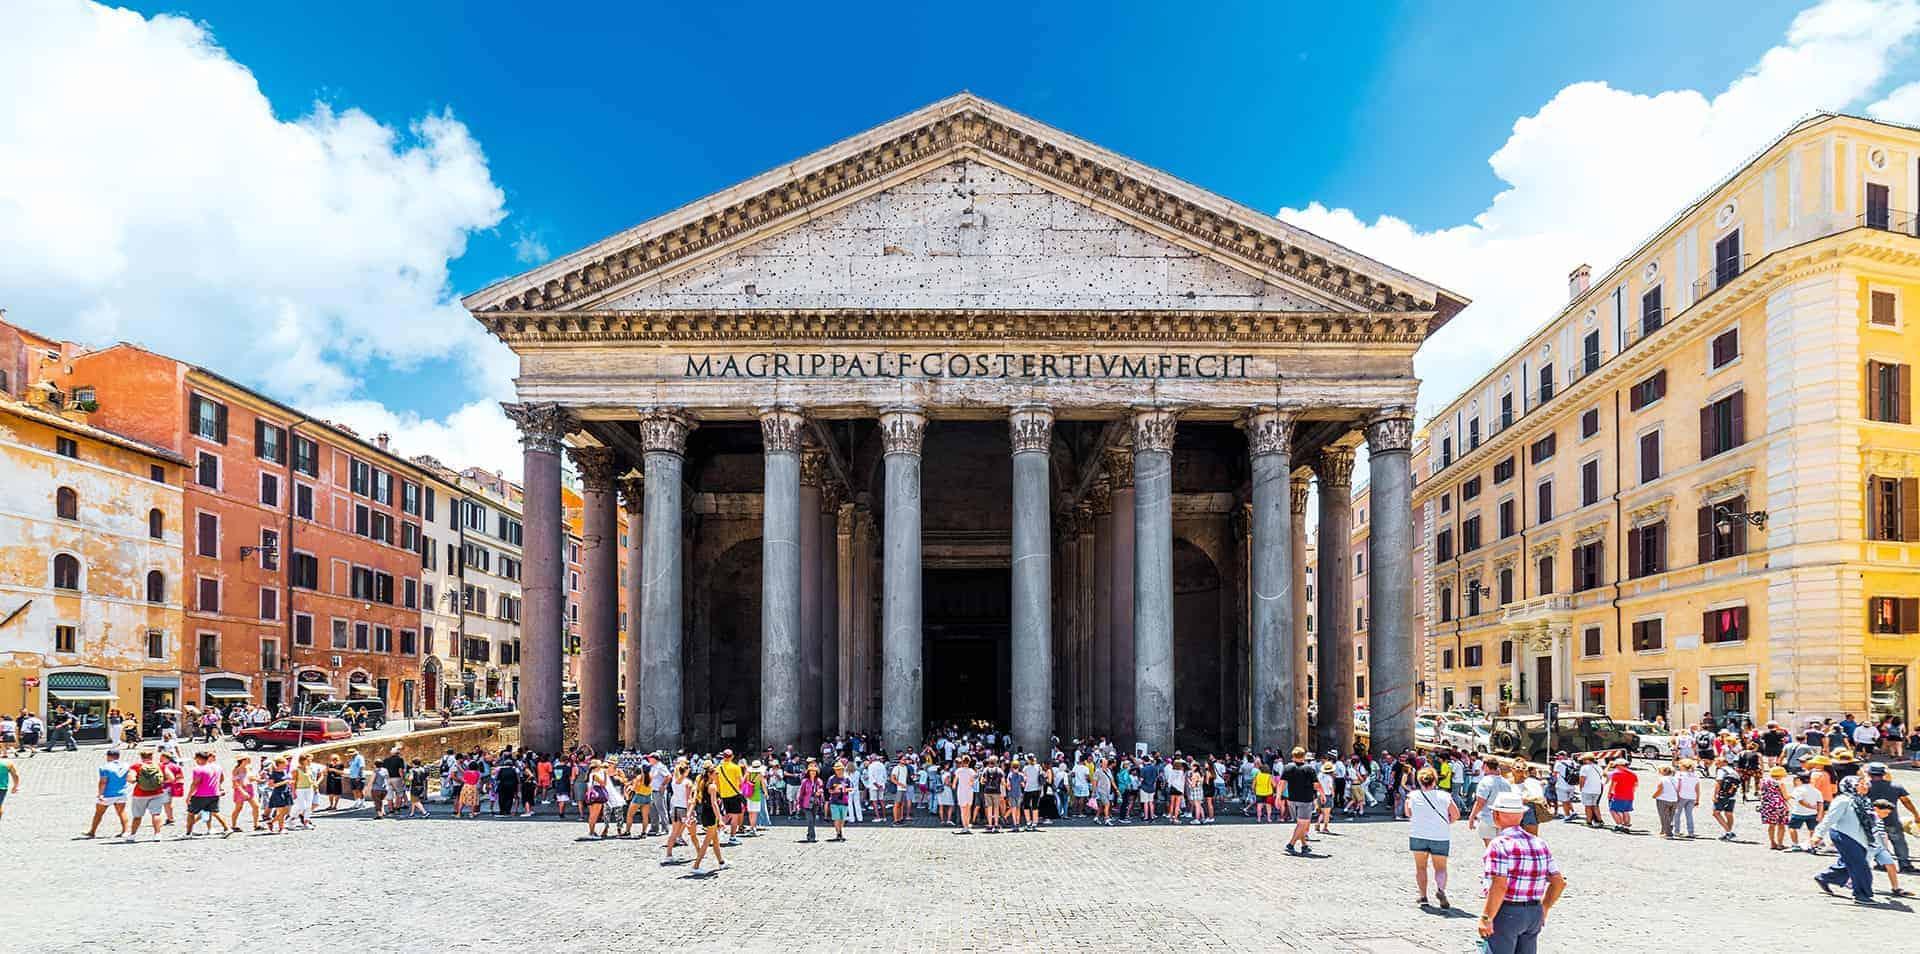 visiter le pantheon a rome